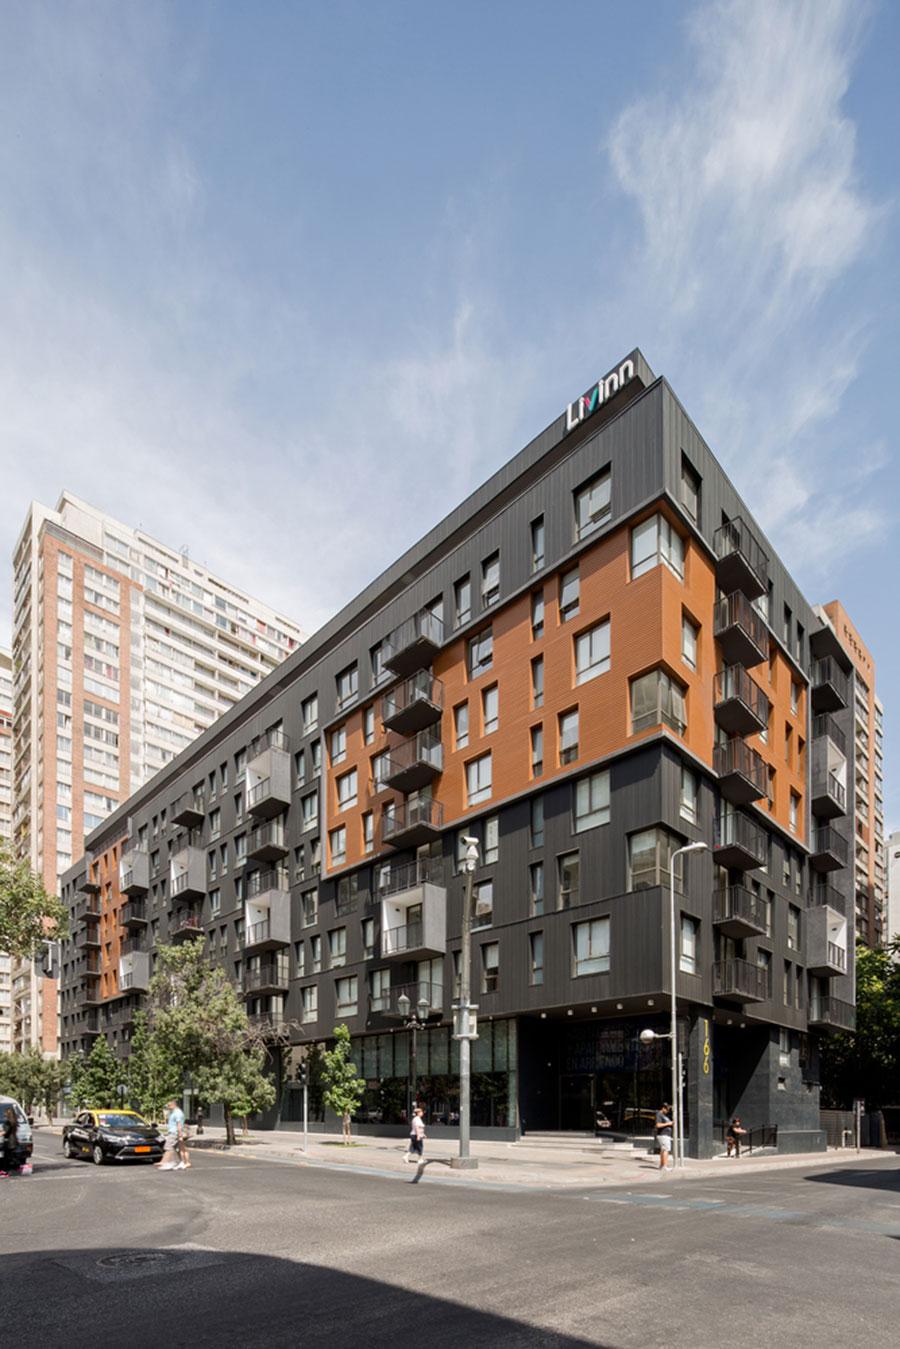 Thiết kế chung cư mini 11 tầng diện tích 12784m2